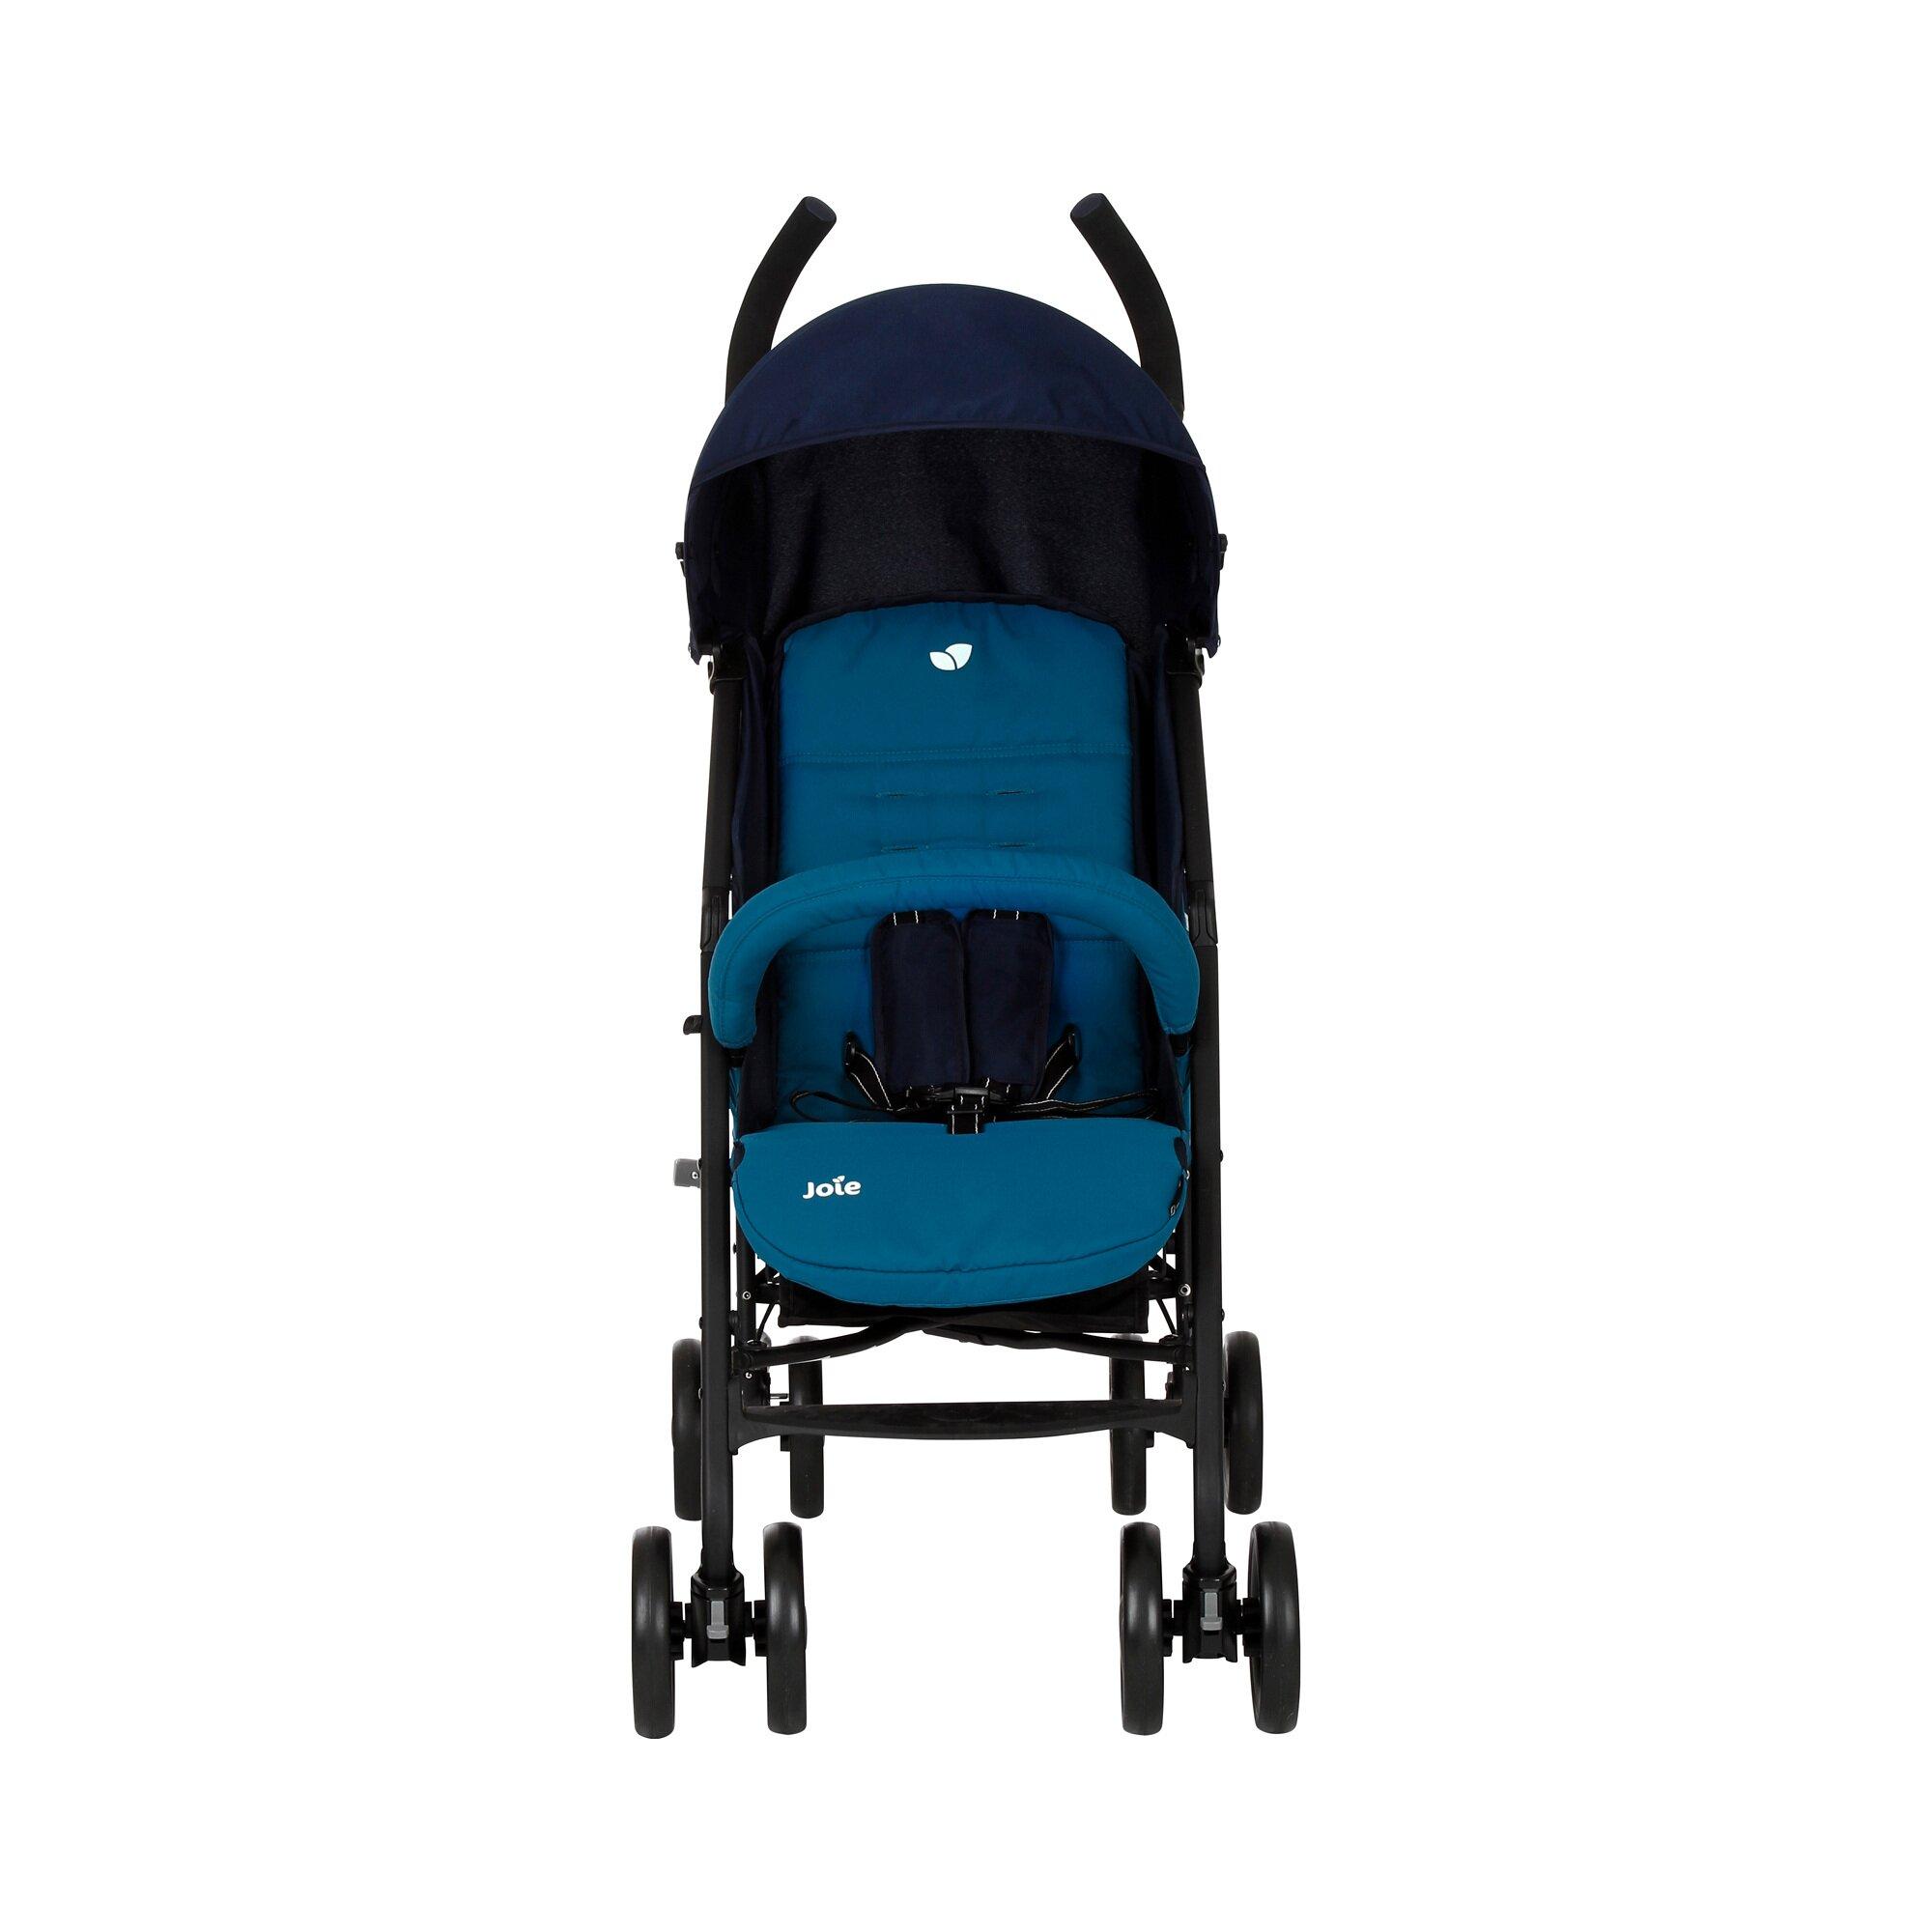 joie-nitro-lx-kinderwagen-sportwagen-design-2018-blau